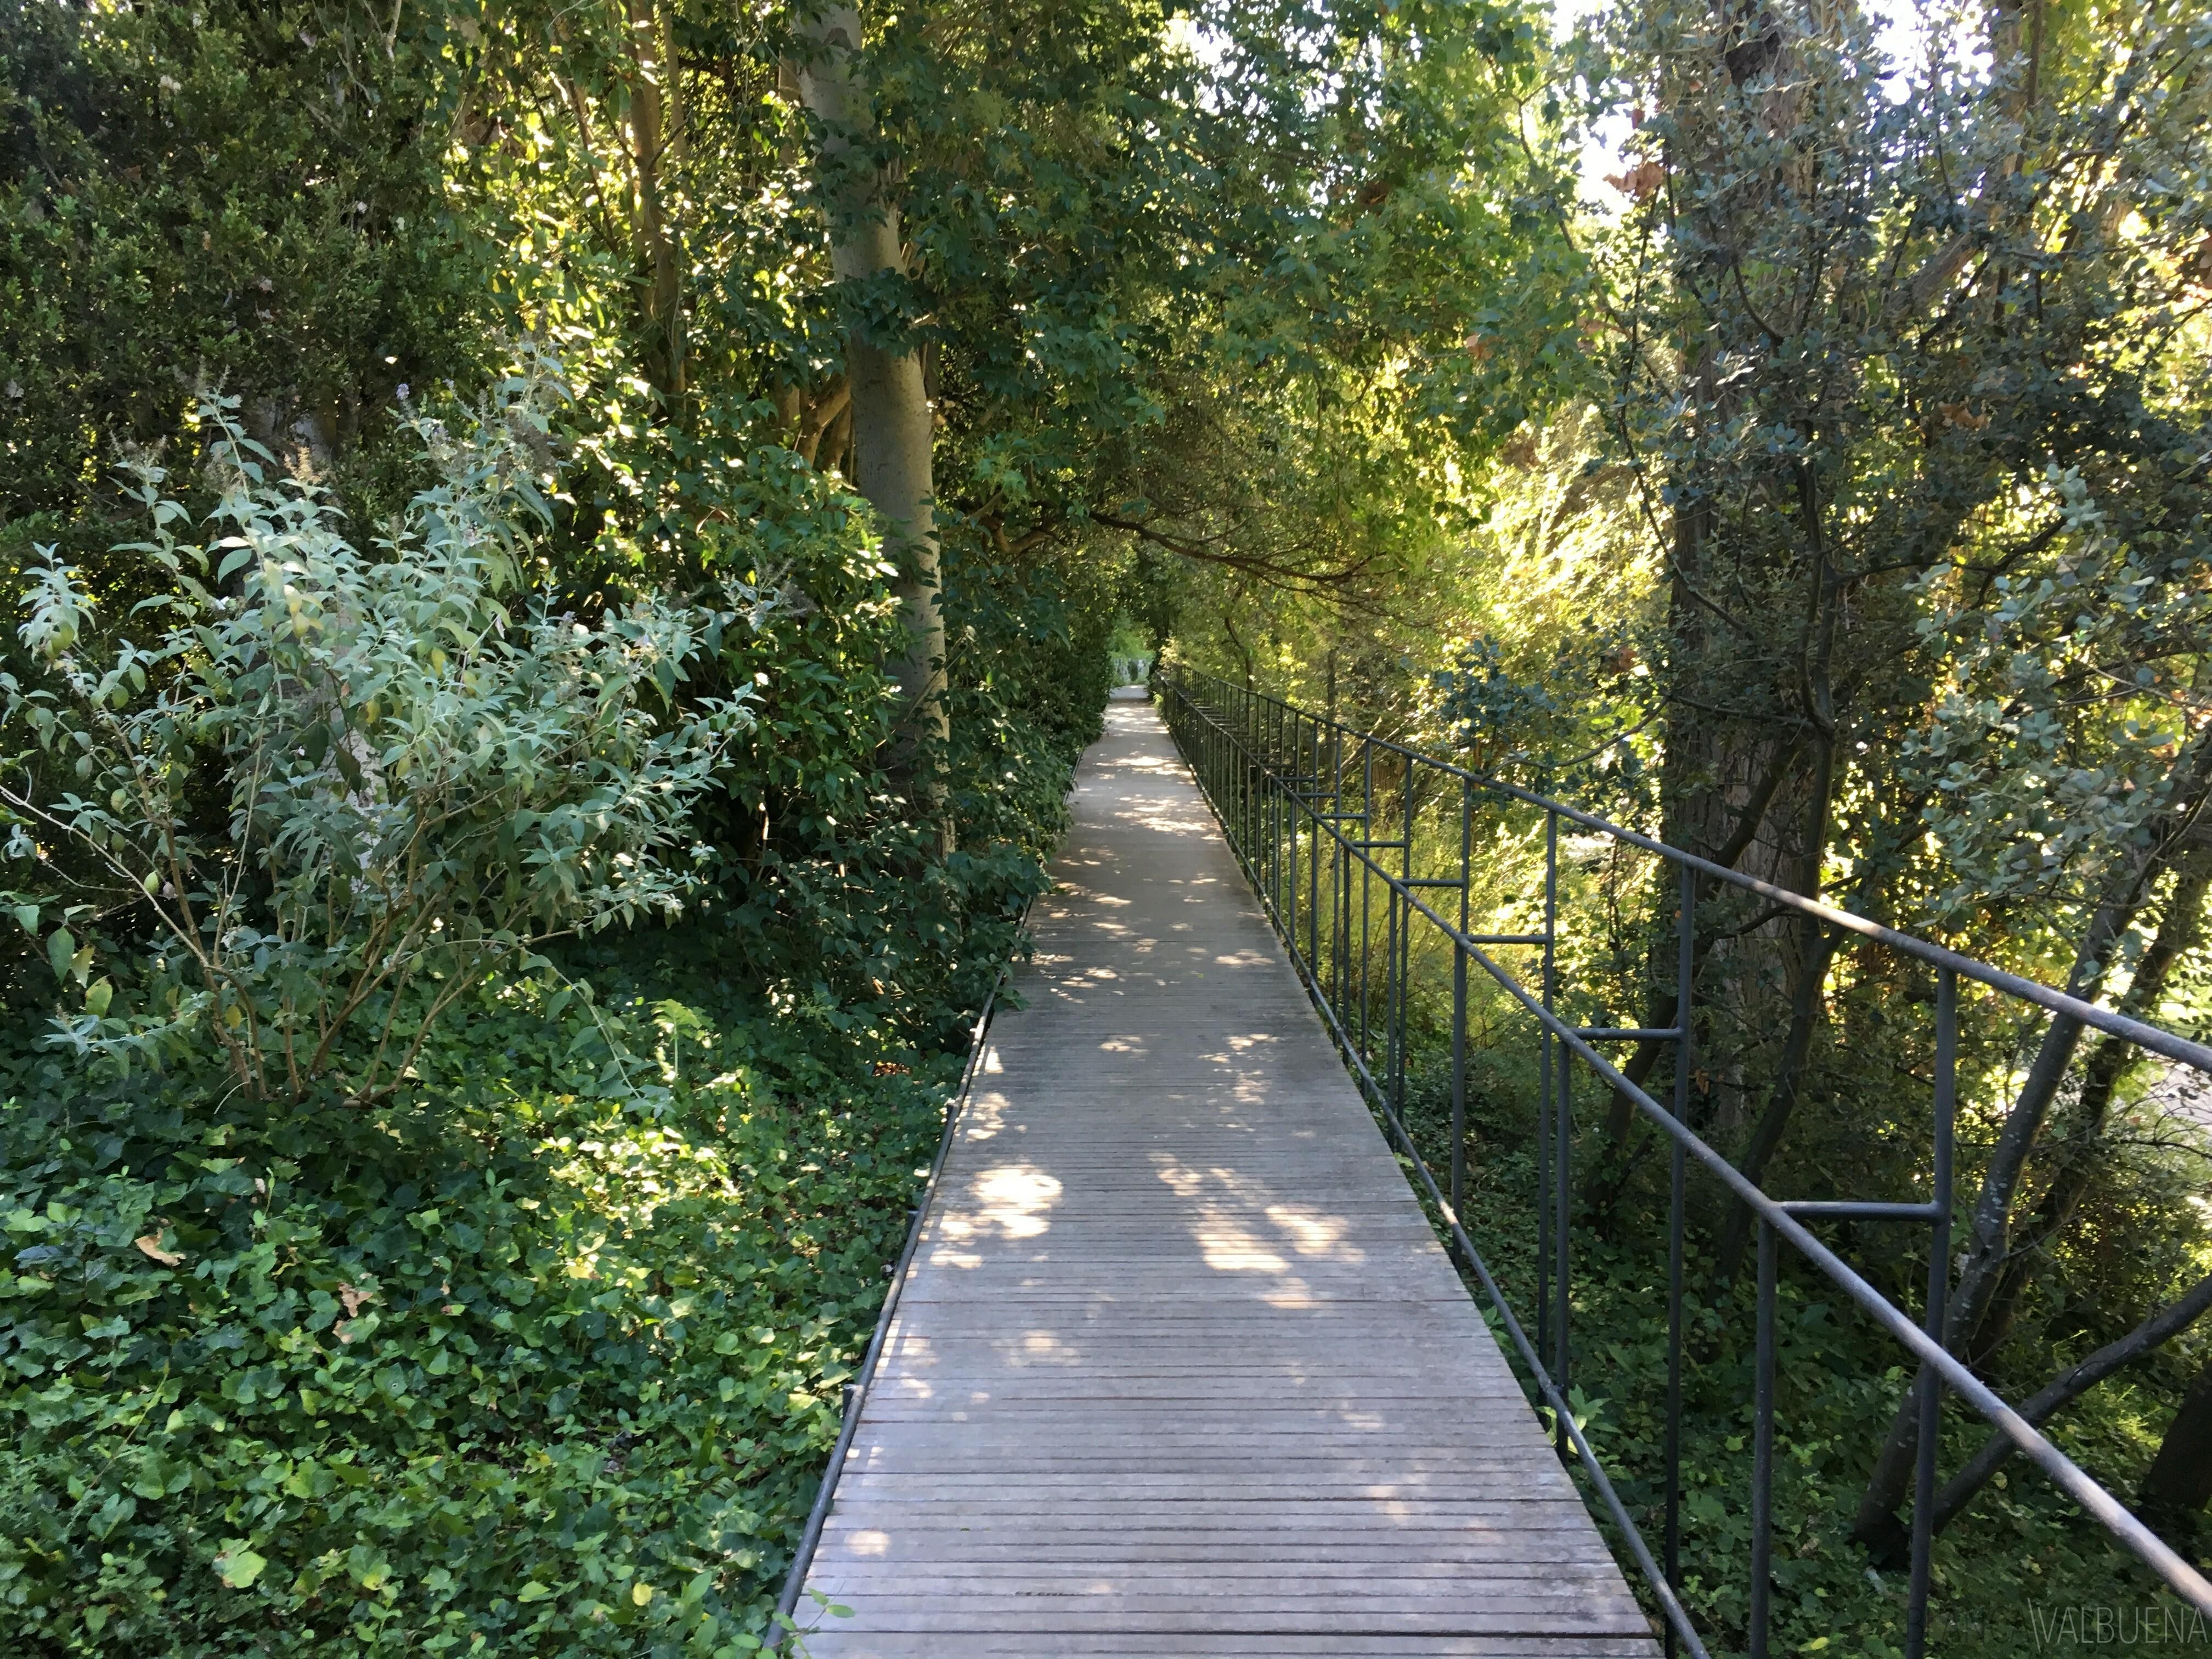 Gulbenkian Park has tons of secret spots and passageways